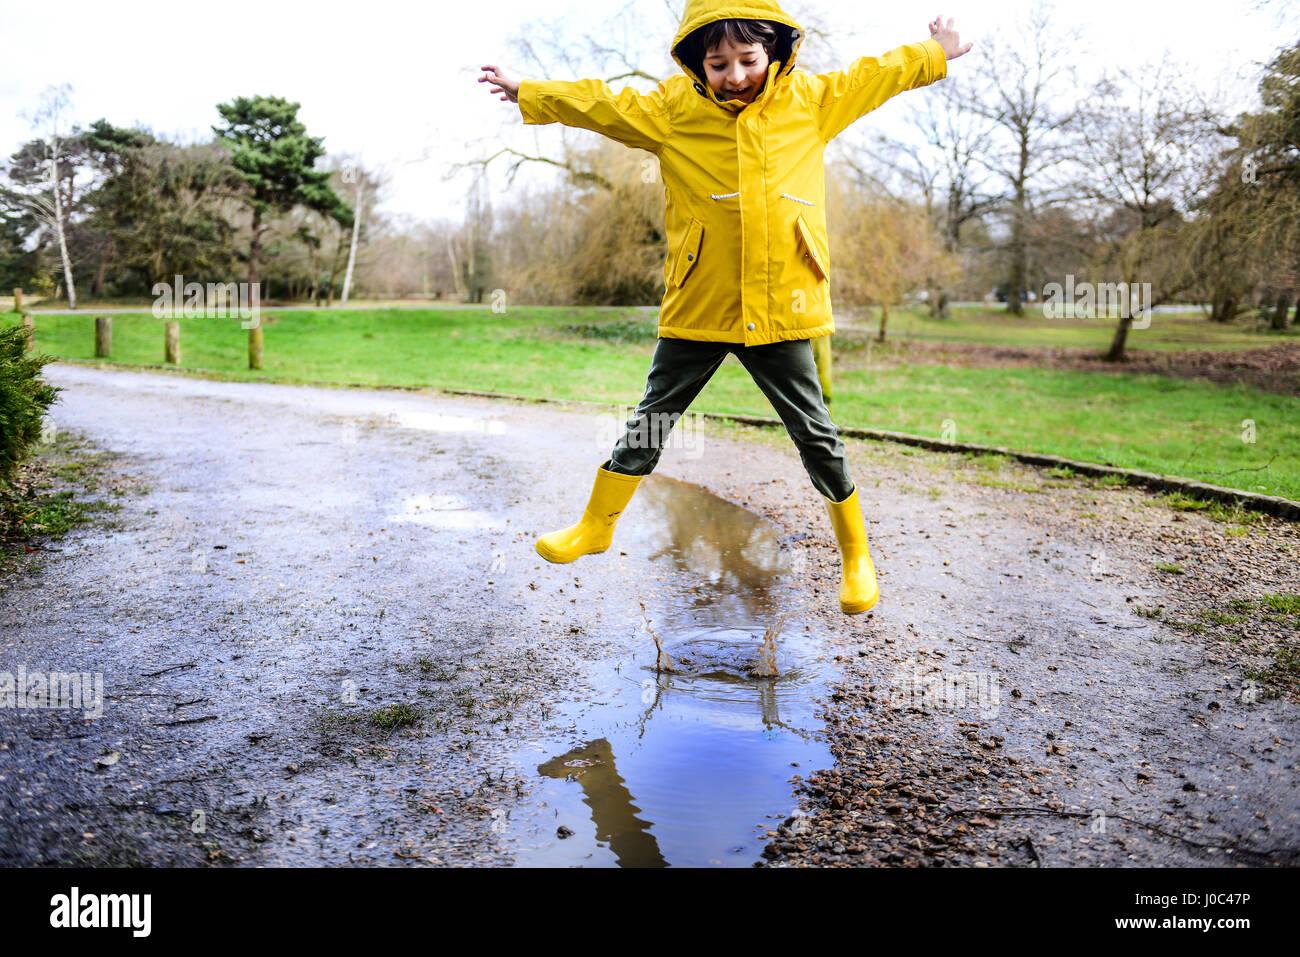 Junge in gelben Anorak, springen über die Pfütze im park Stockbild